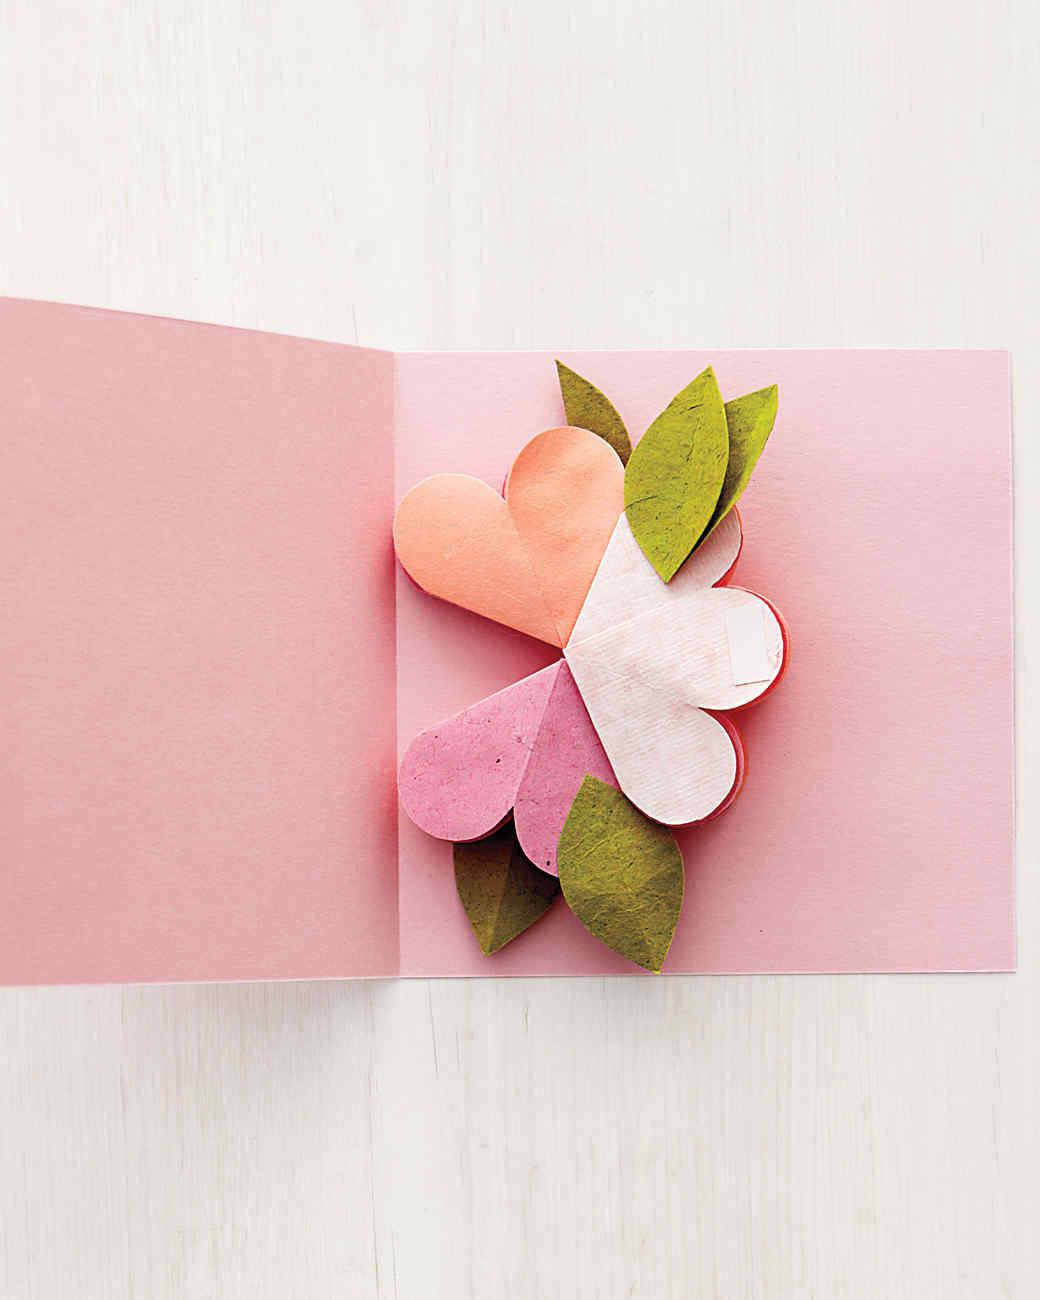 Открытки поздравлением, открытки с цветочками своими руками видео